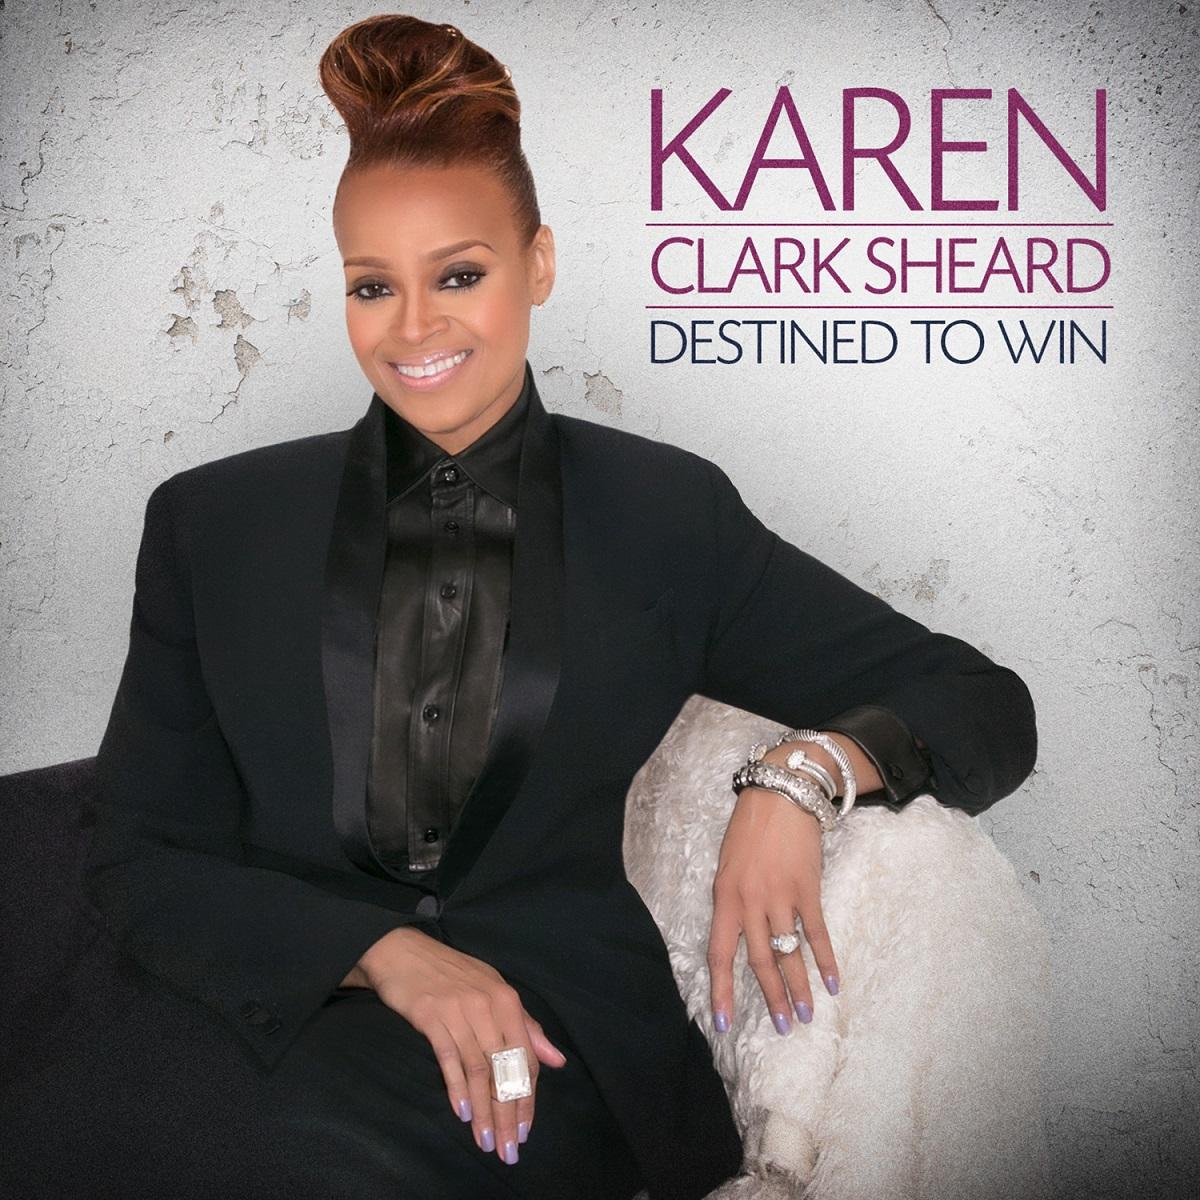 Karen Clark-Sheard – Destined to Win (July 17th release)